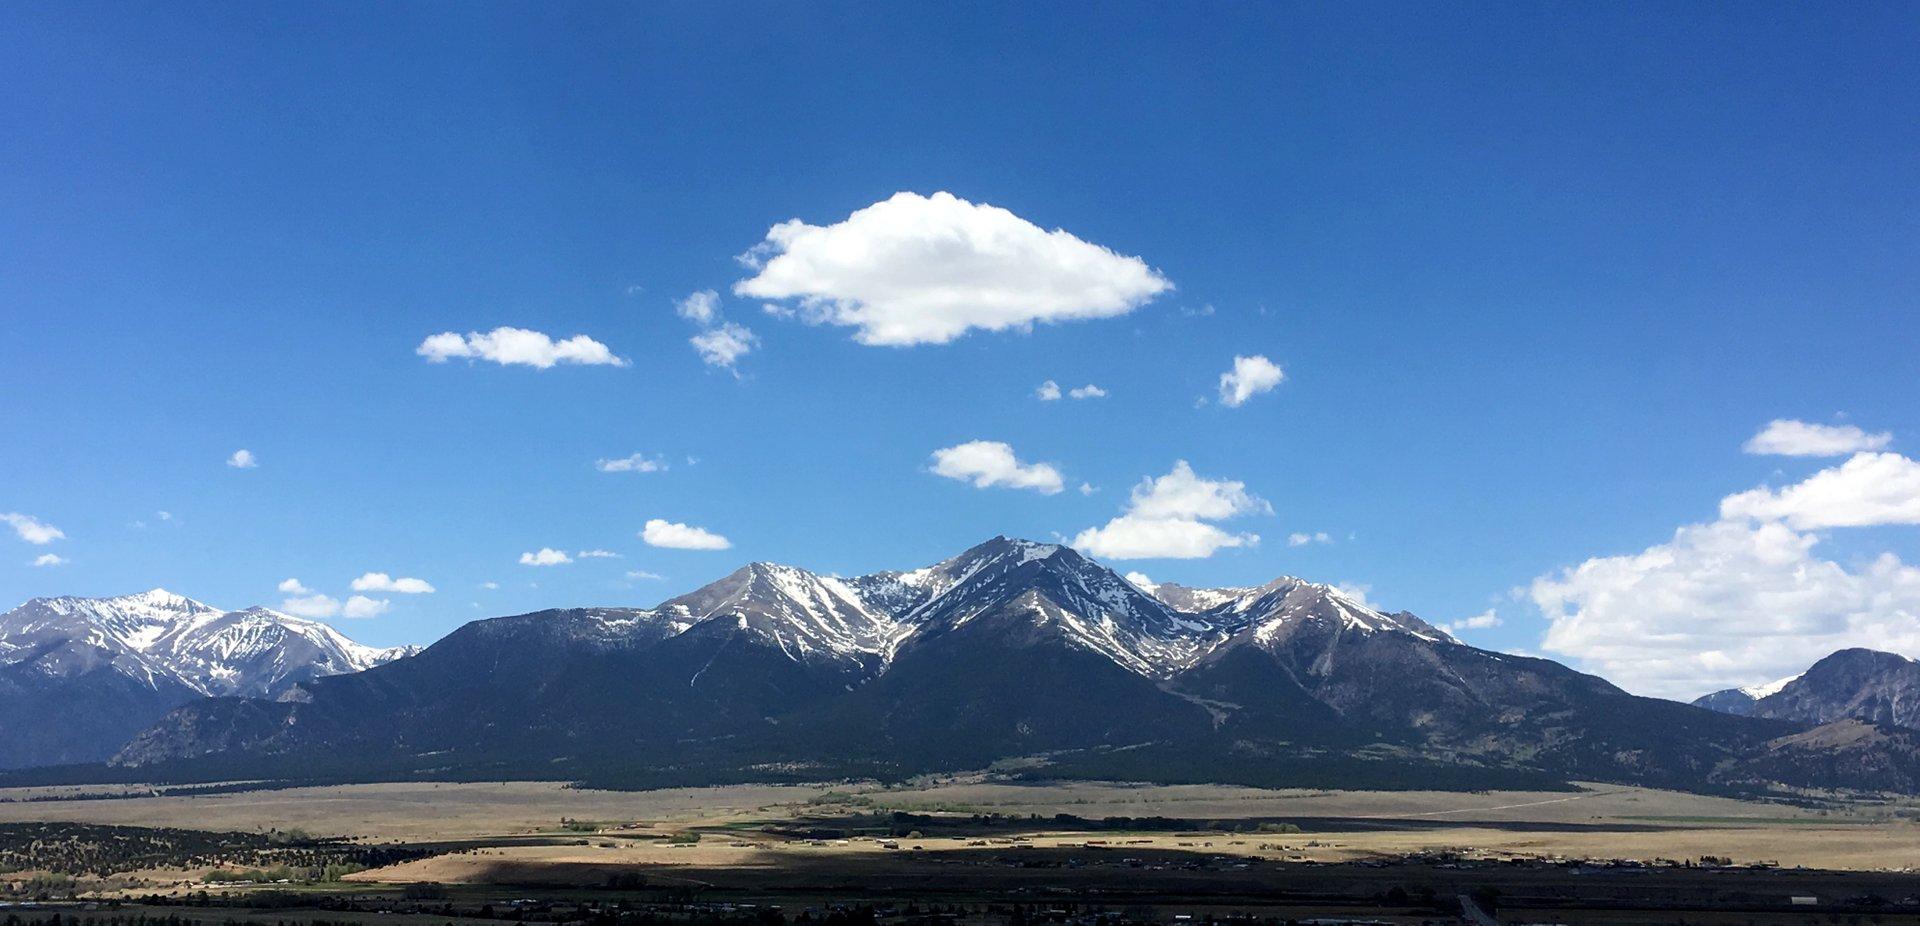 Collegiate Peaks Wilderness in Colorado 2020 - Best Time